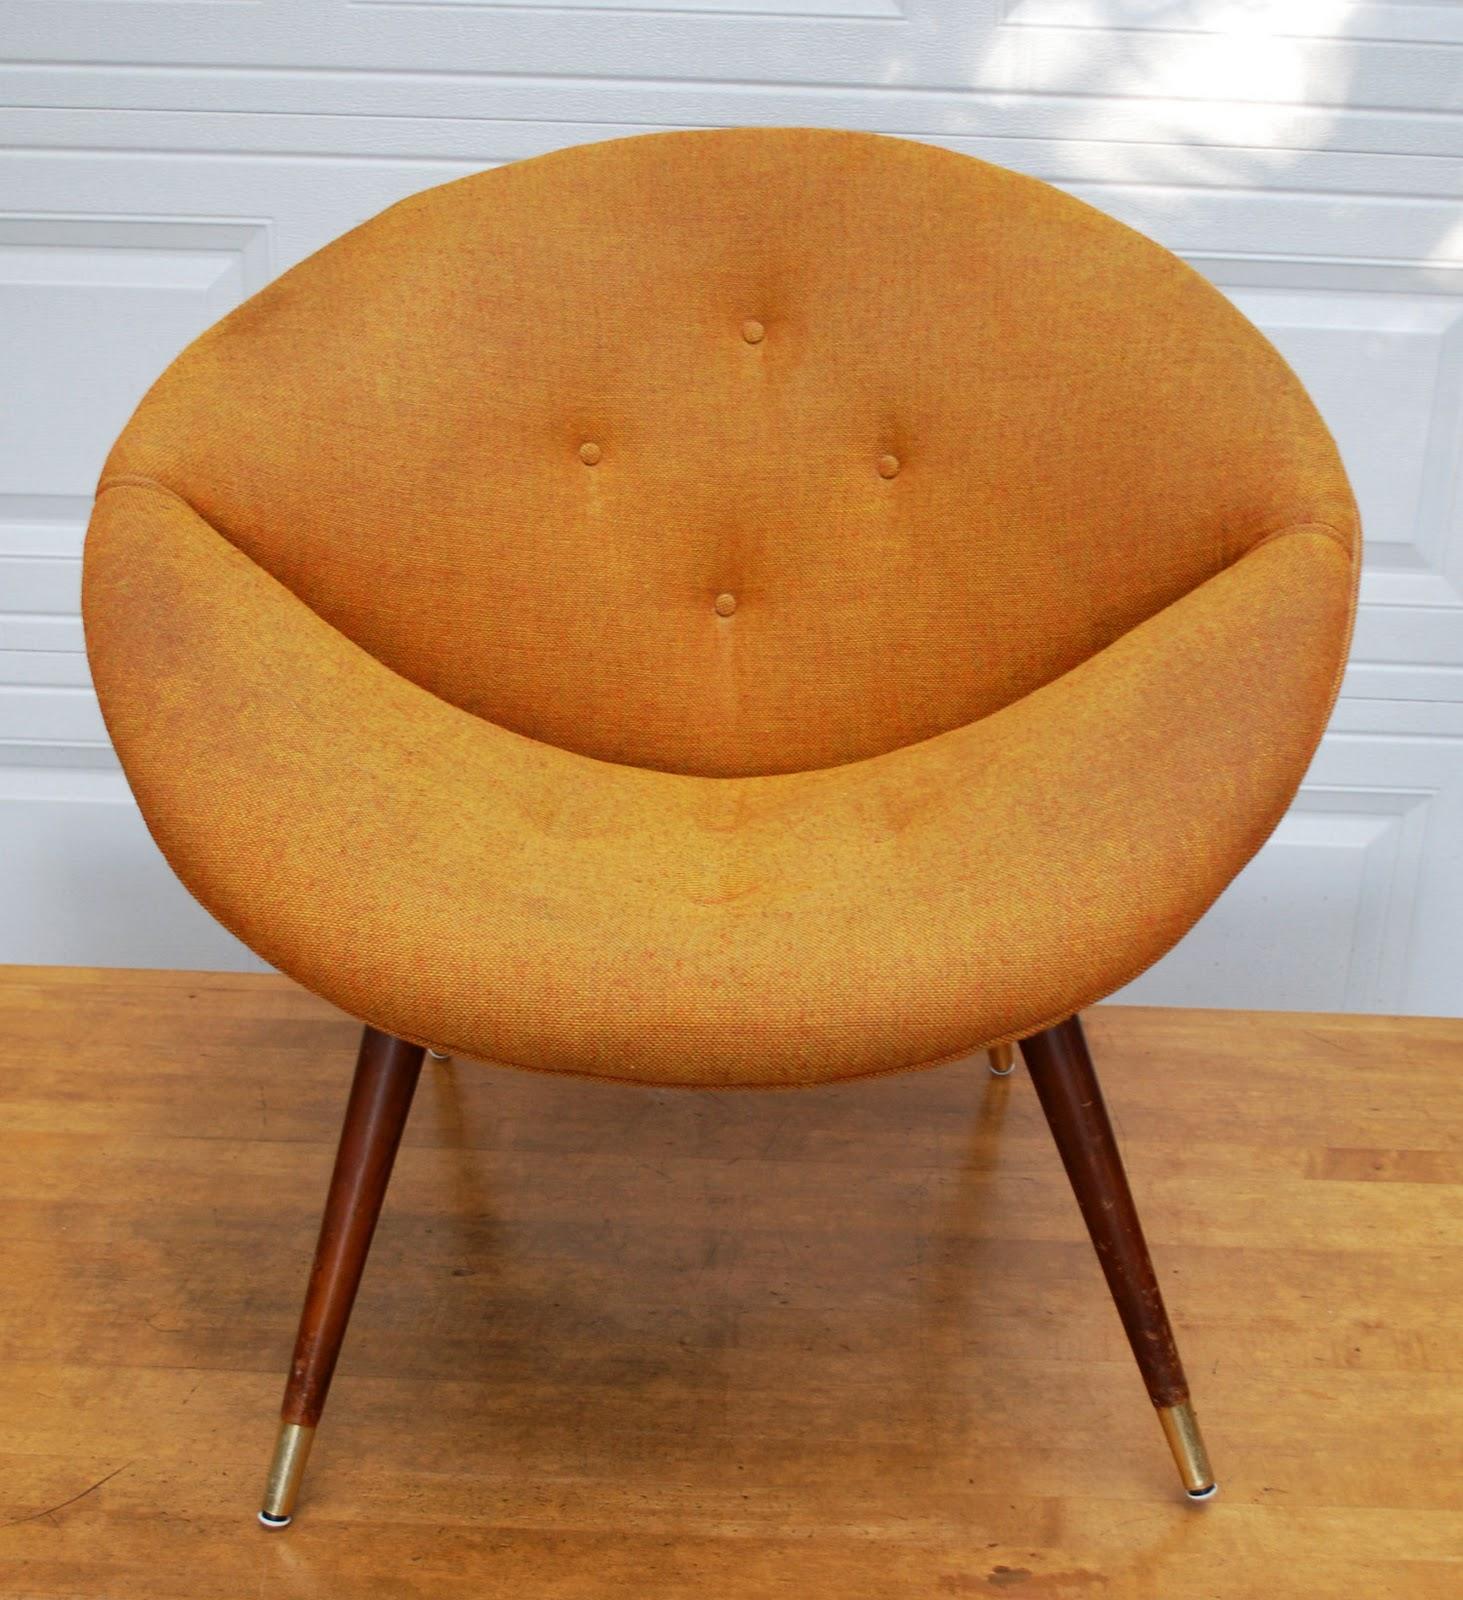 Vintage Orange Saucer Chair